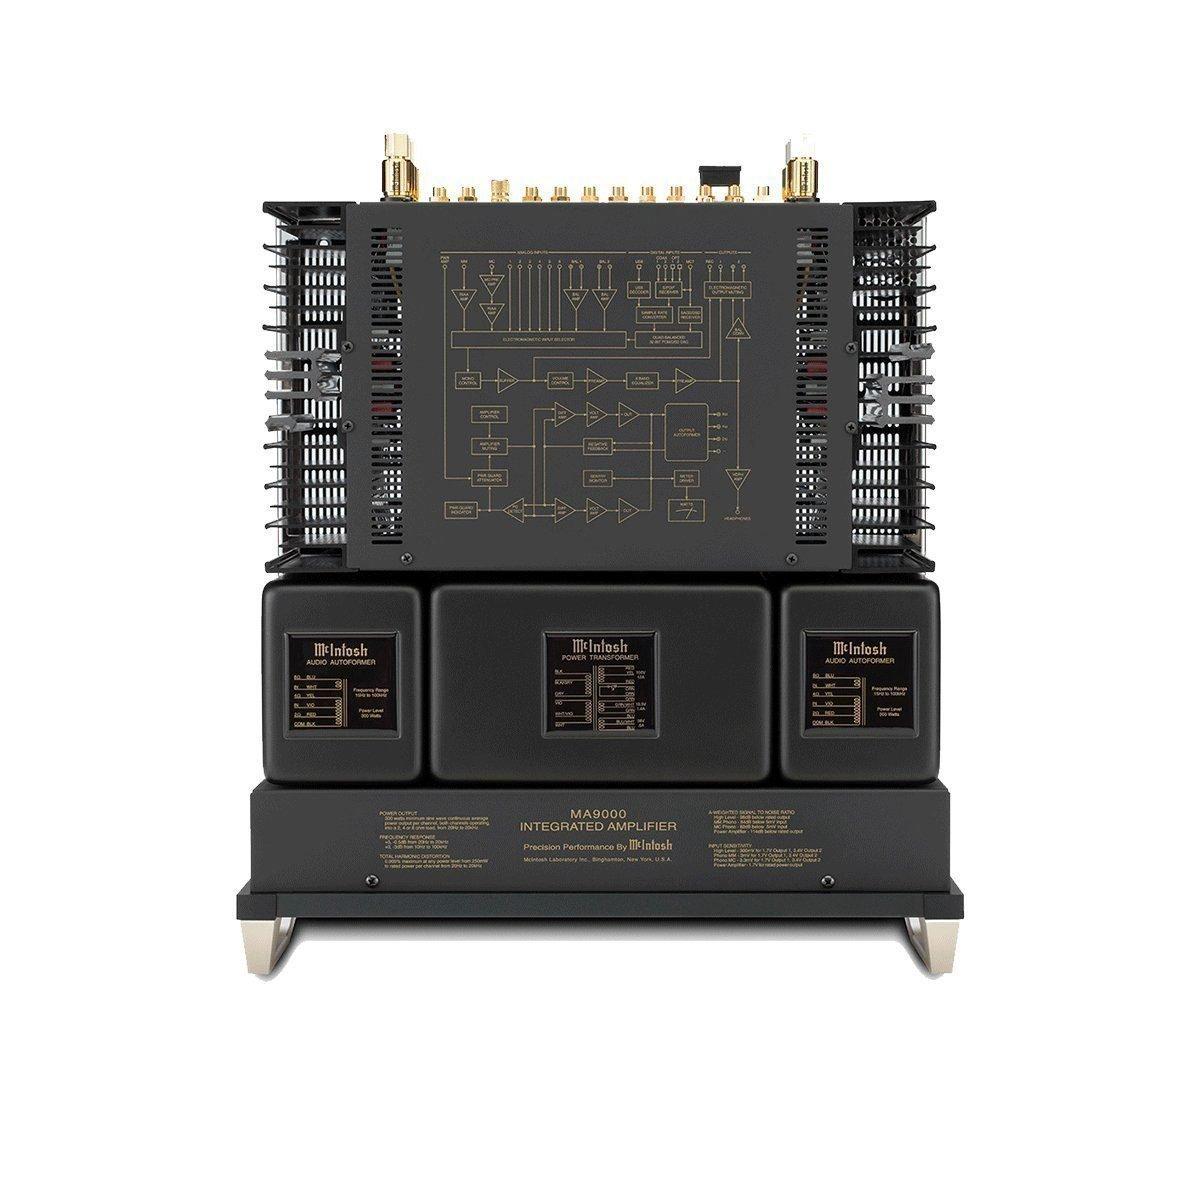 McIntosh-MA9000